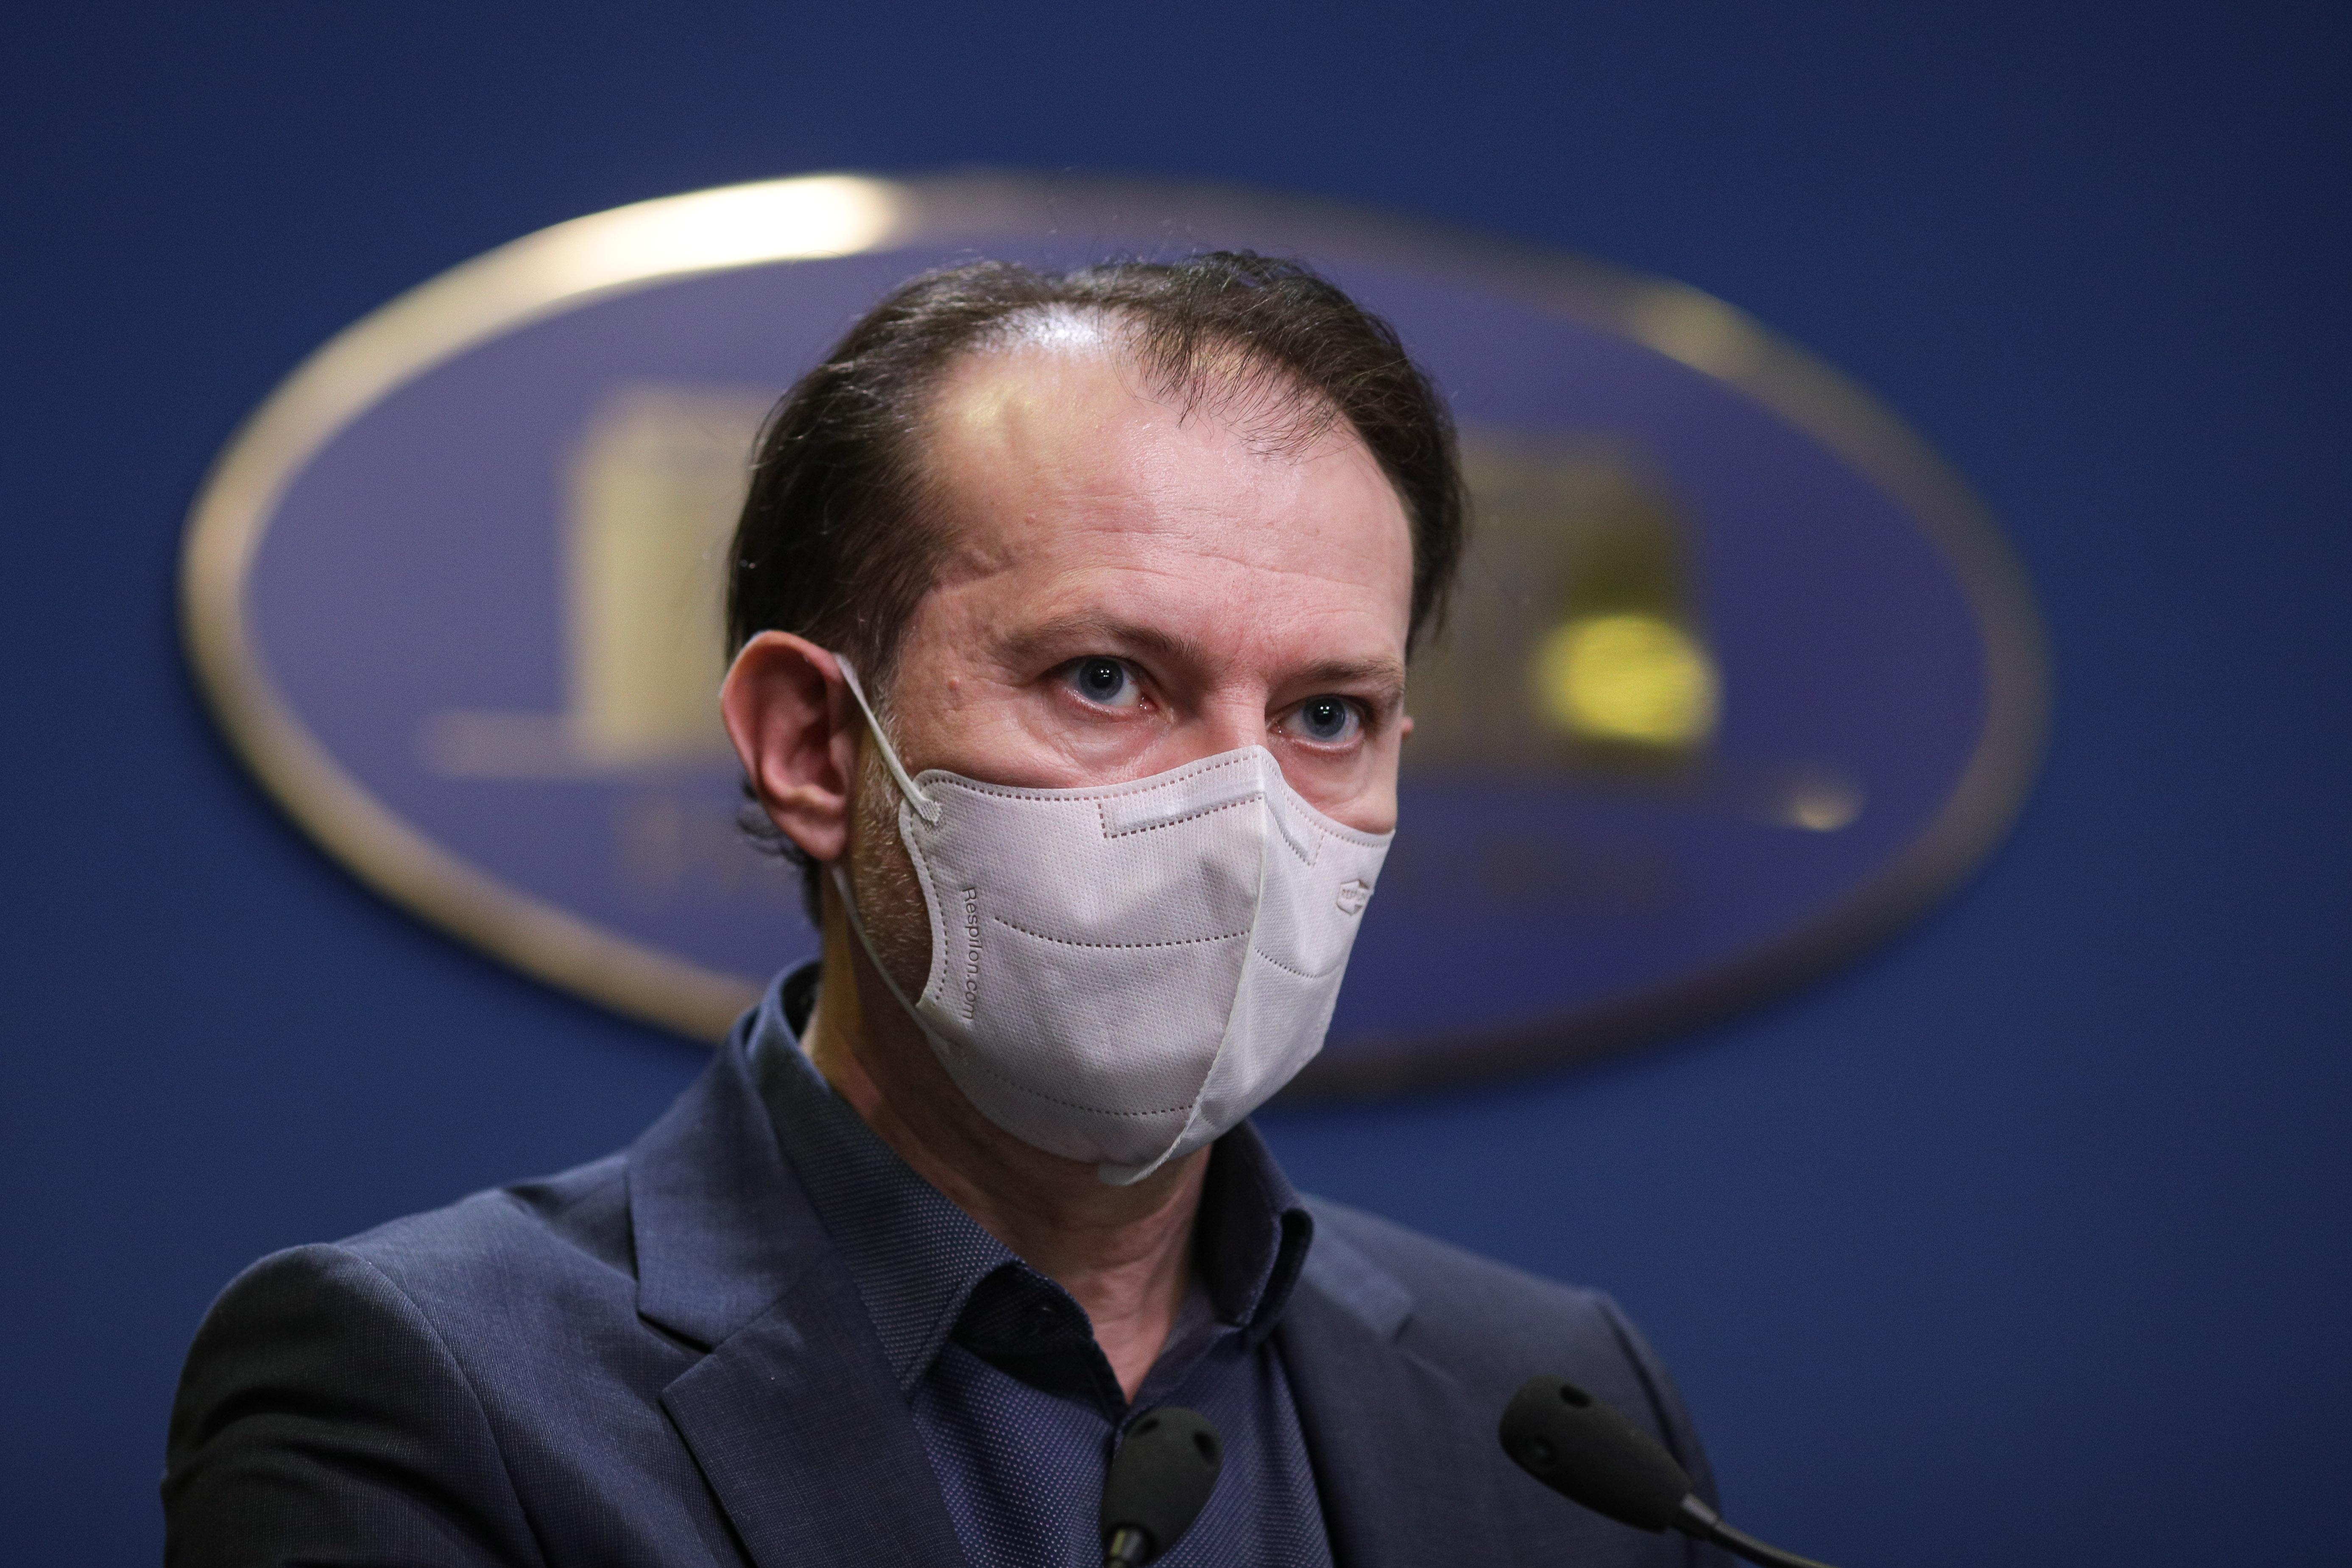 Cîţu: Aştept desemnarea ministrului Sănătăţii de la USR PLUS; discuţiile politice - în coaliţie